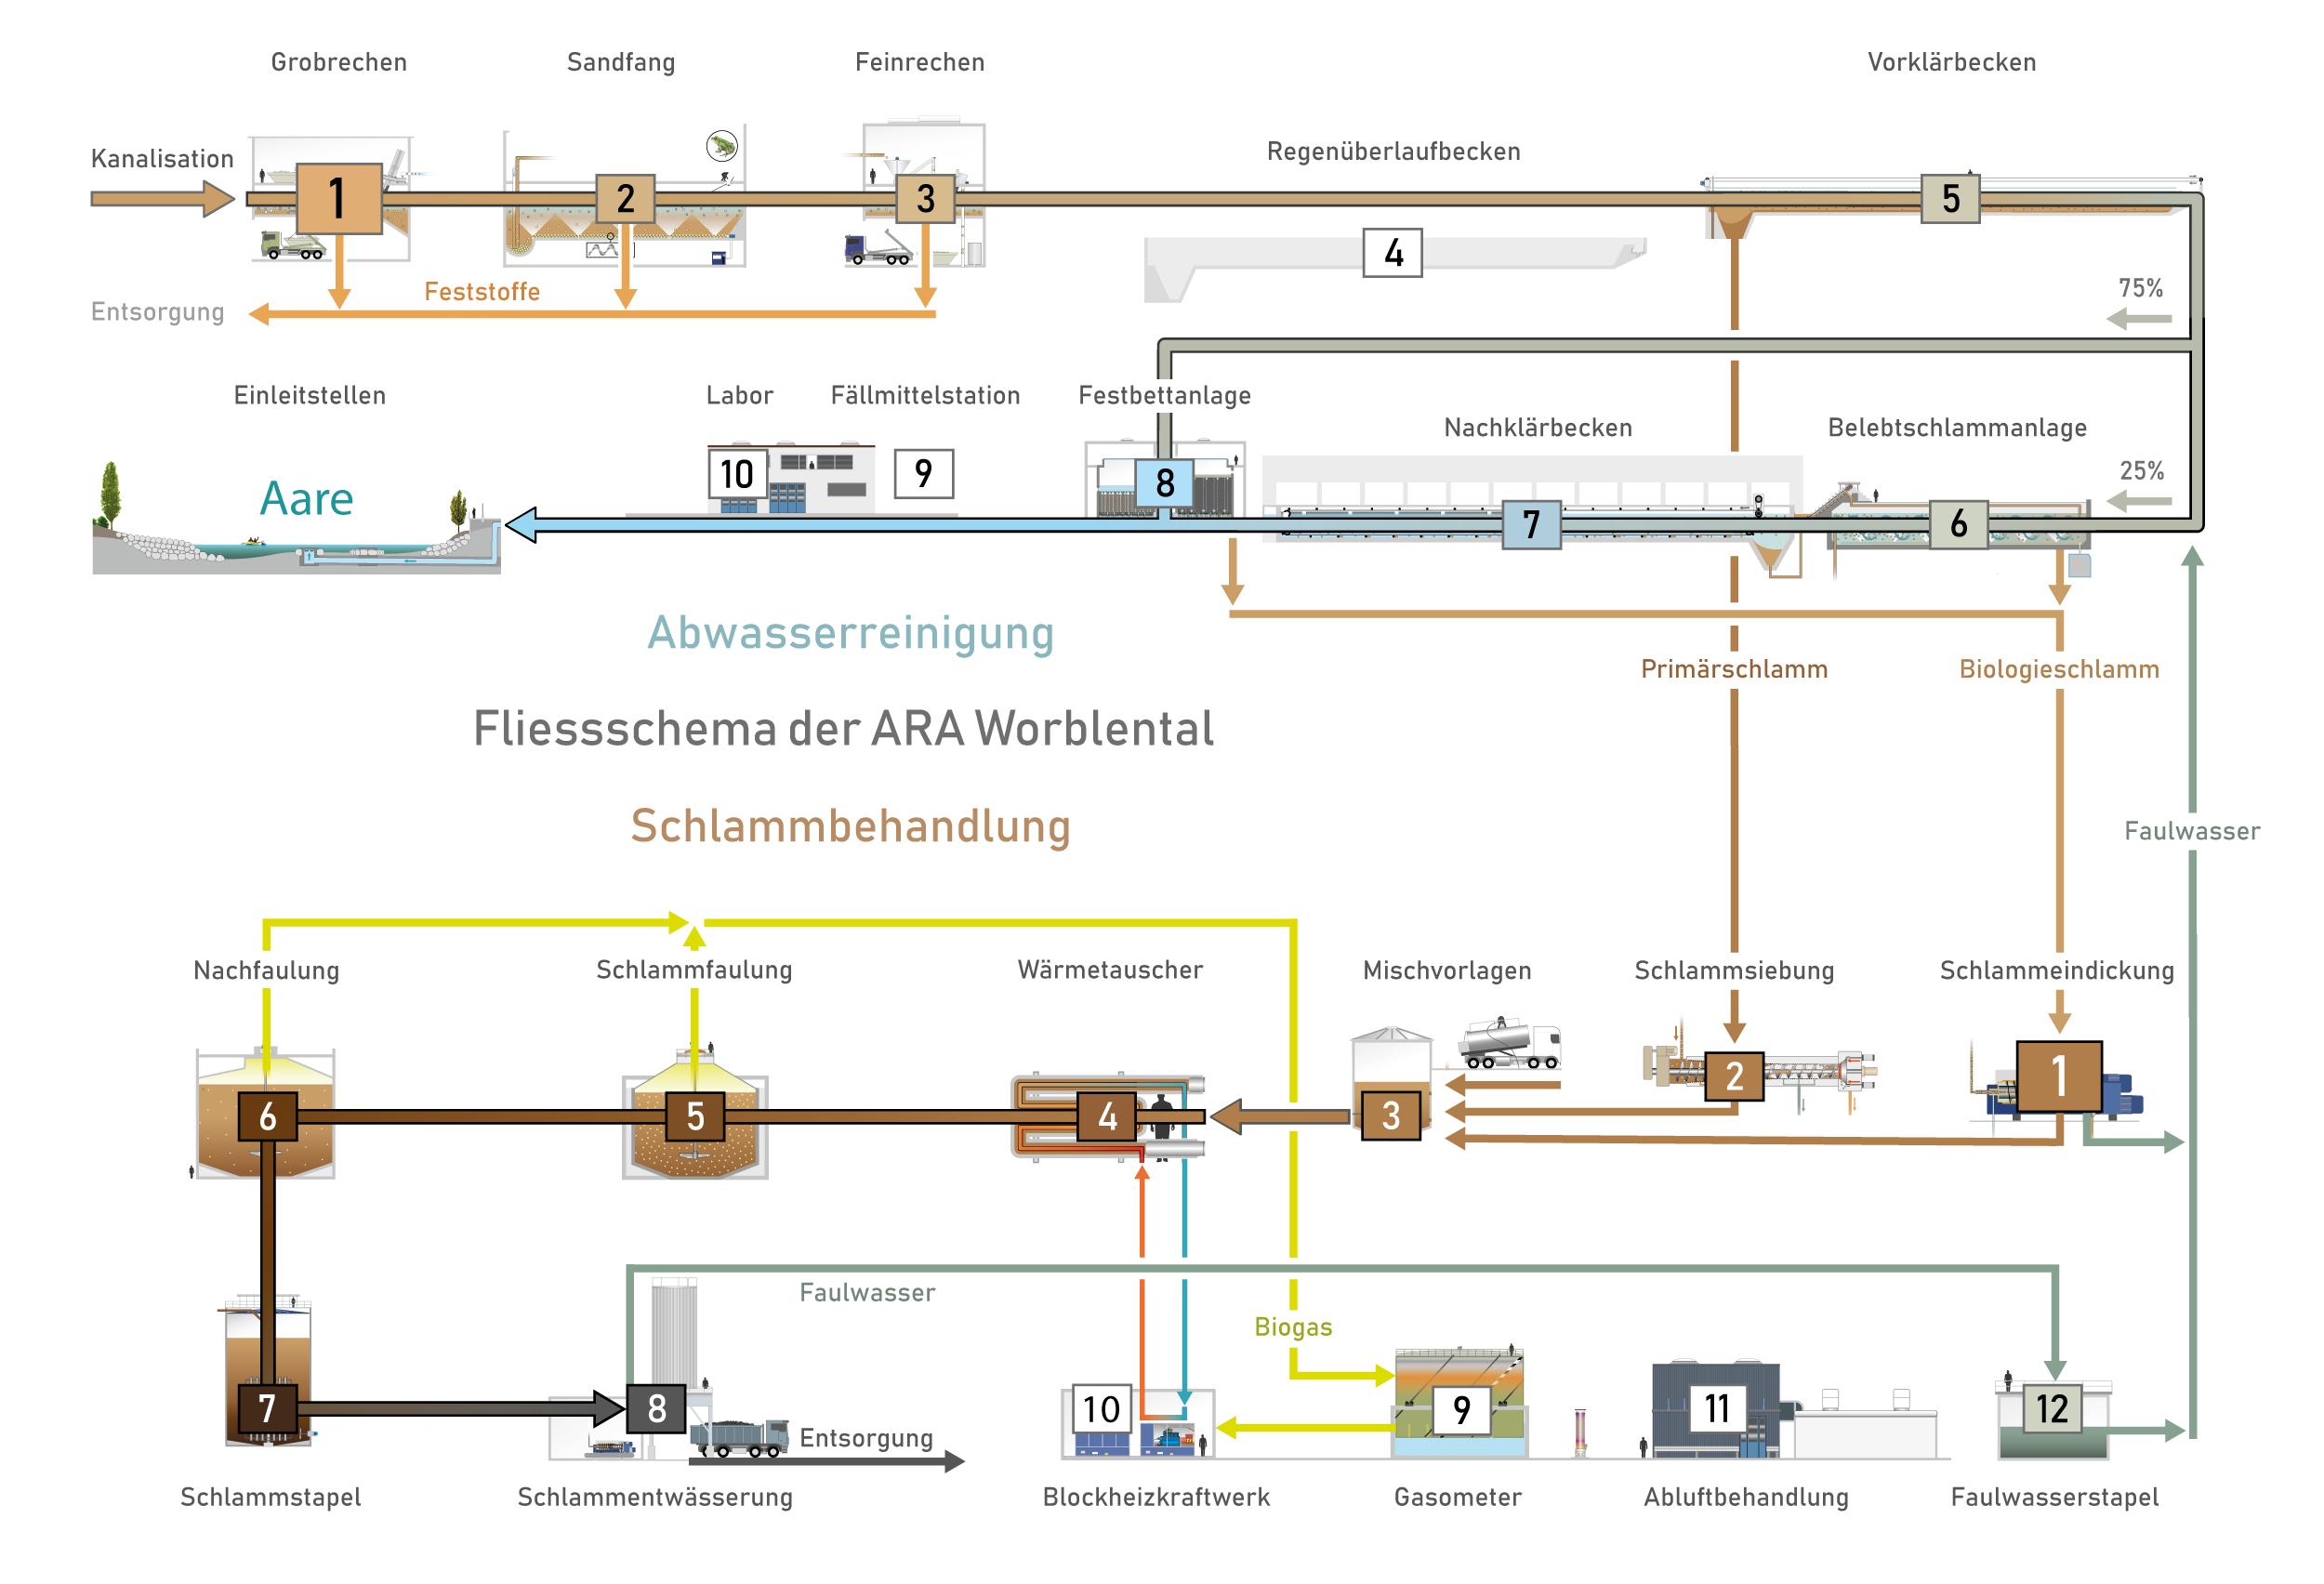 fliessschema-ara-worblental_erweitert